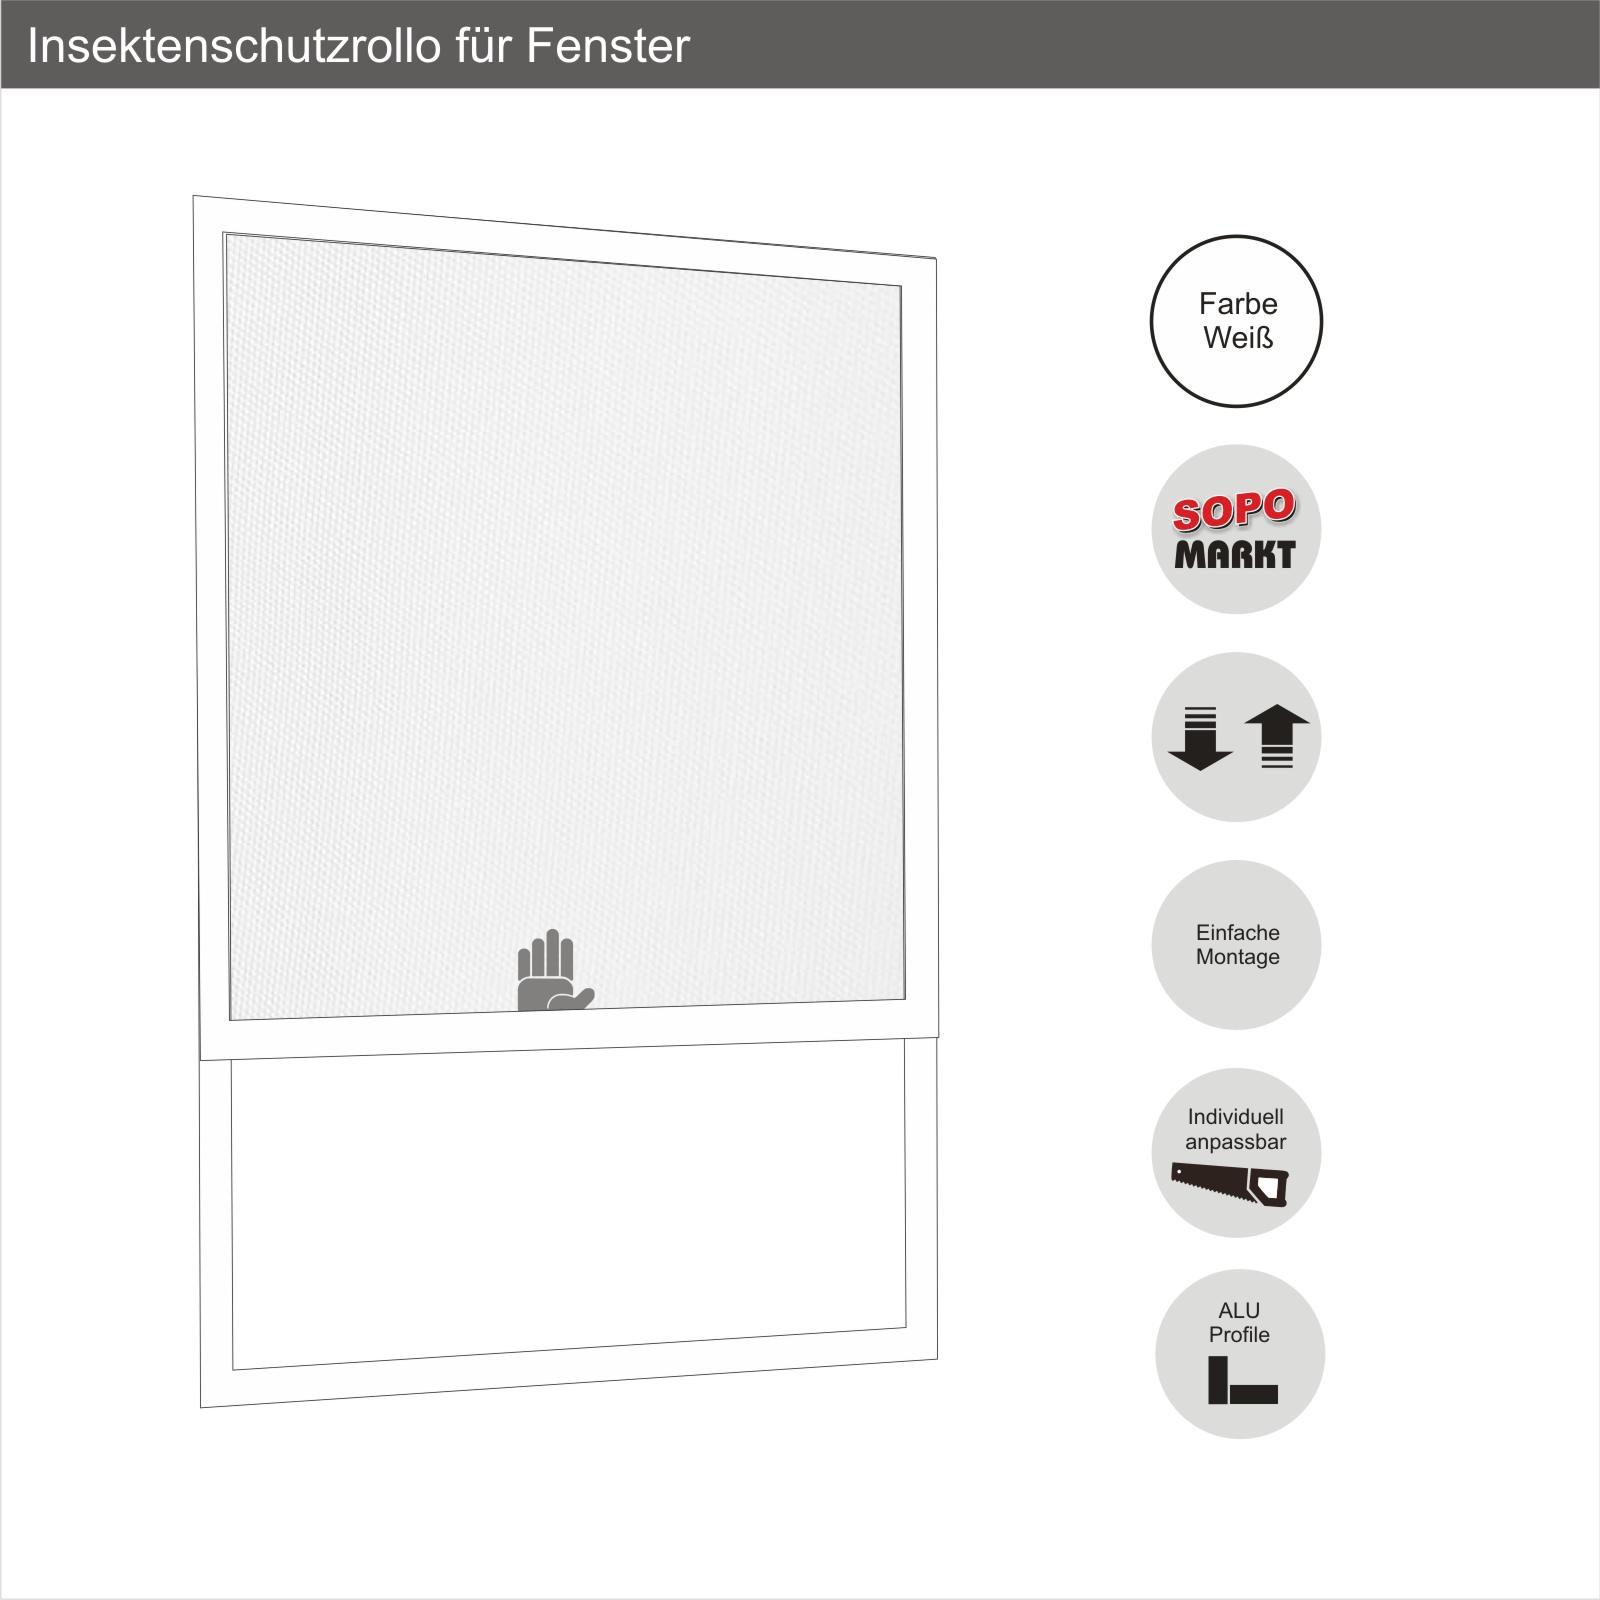 Insektenschutzrollo für Fenster oder Tür